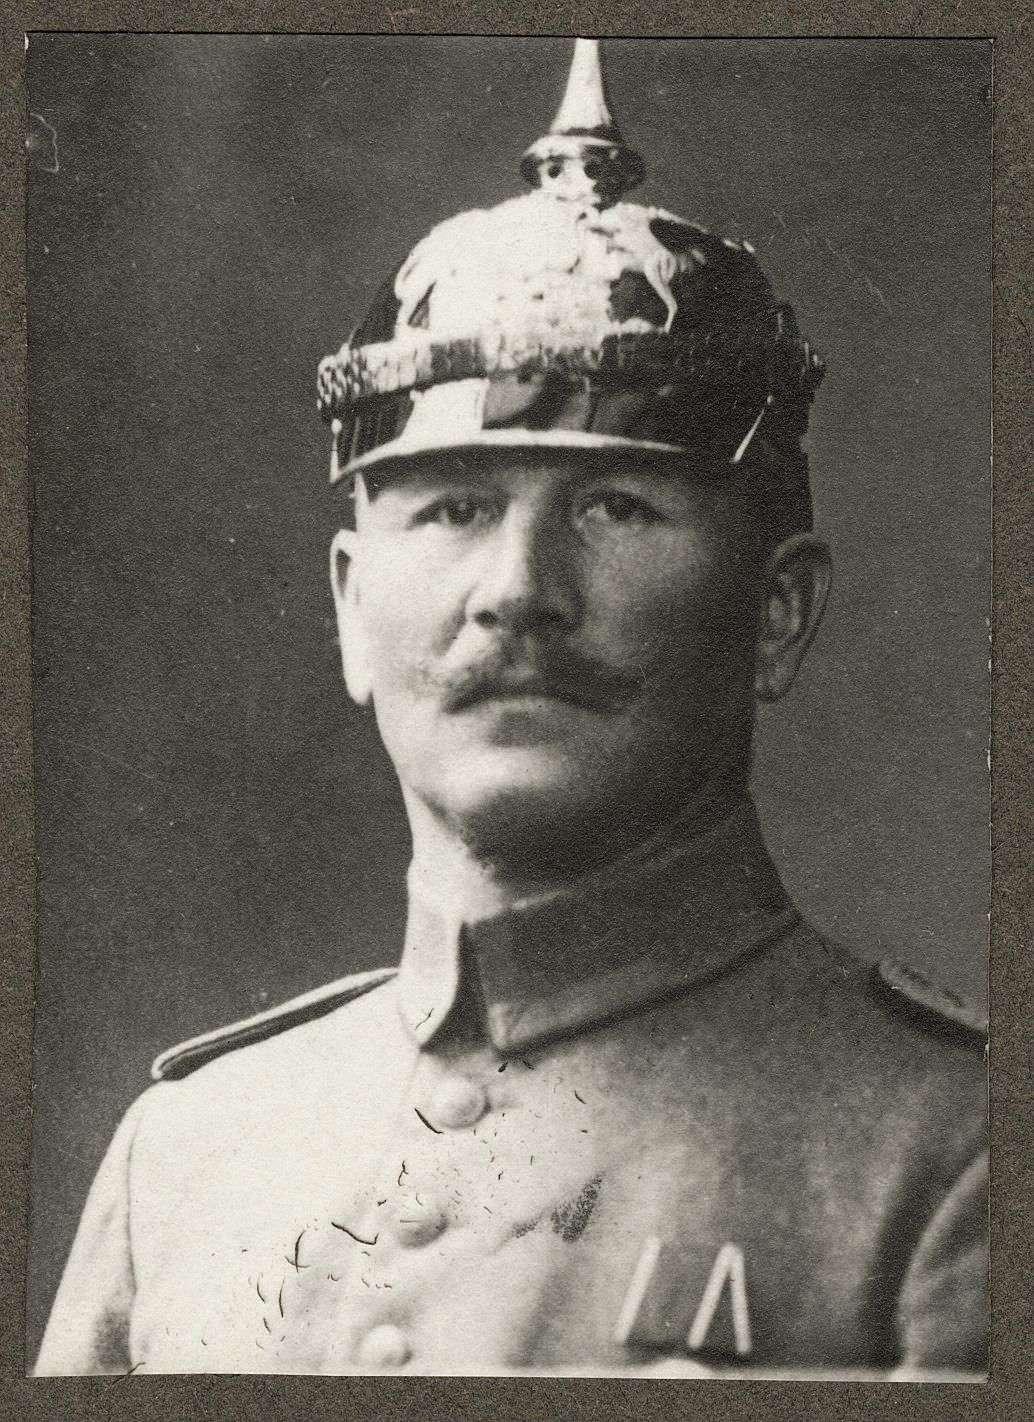 Geiger, Ludwig, Bild 1